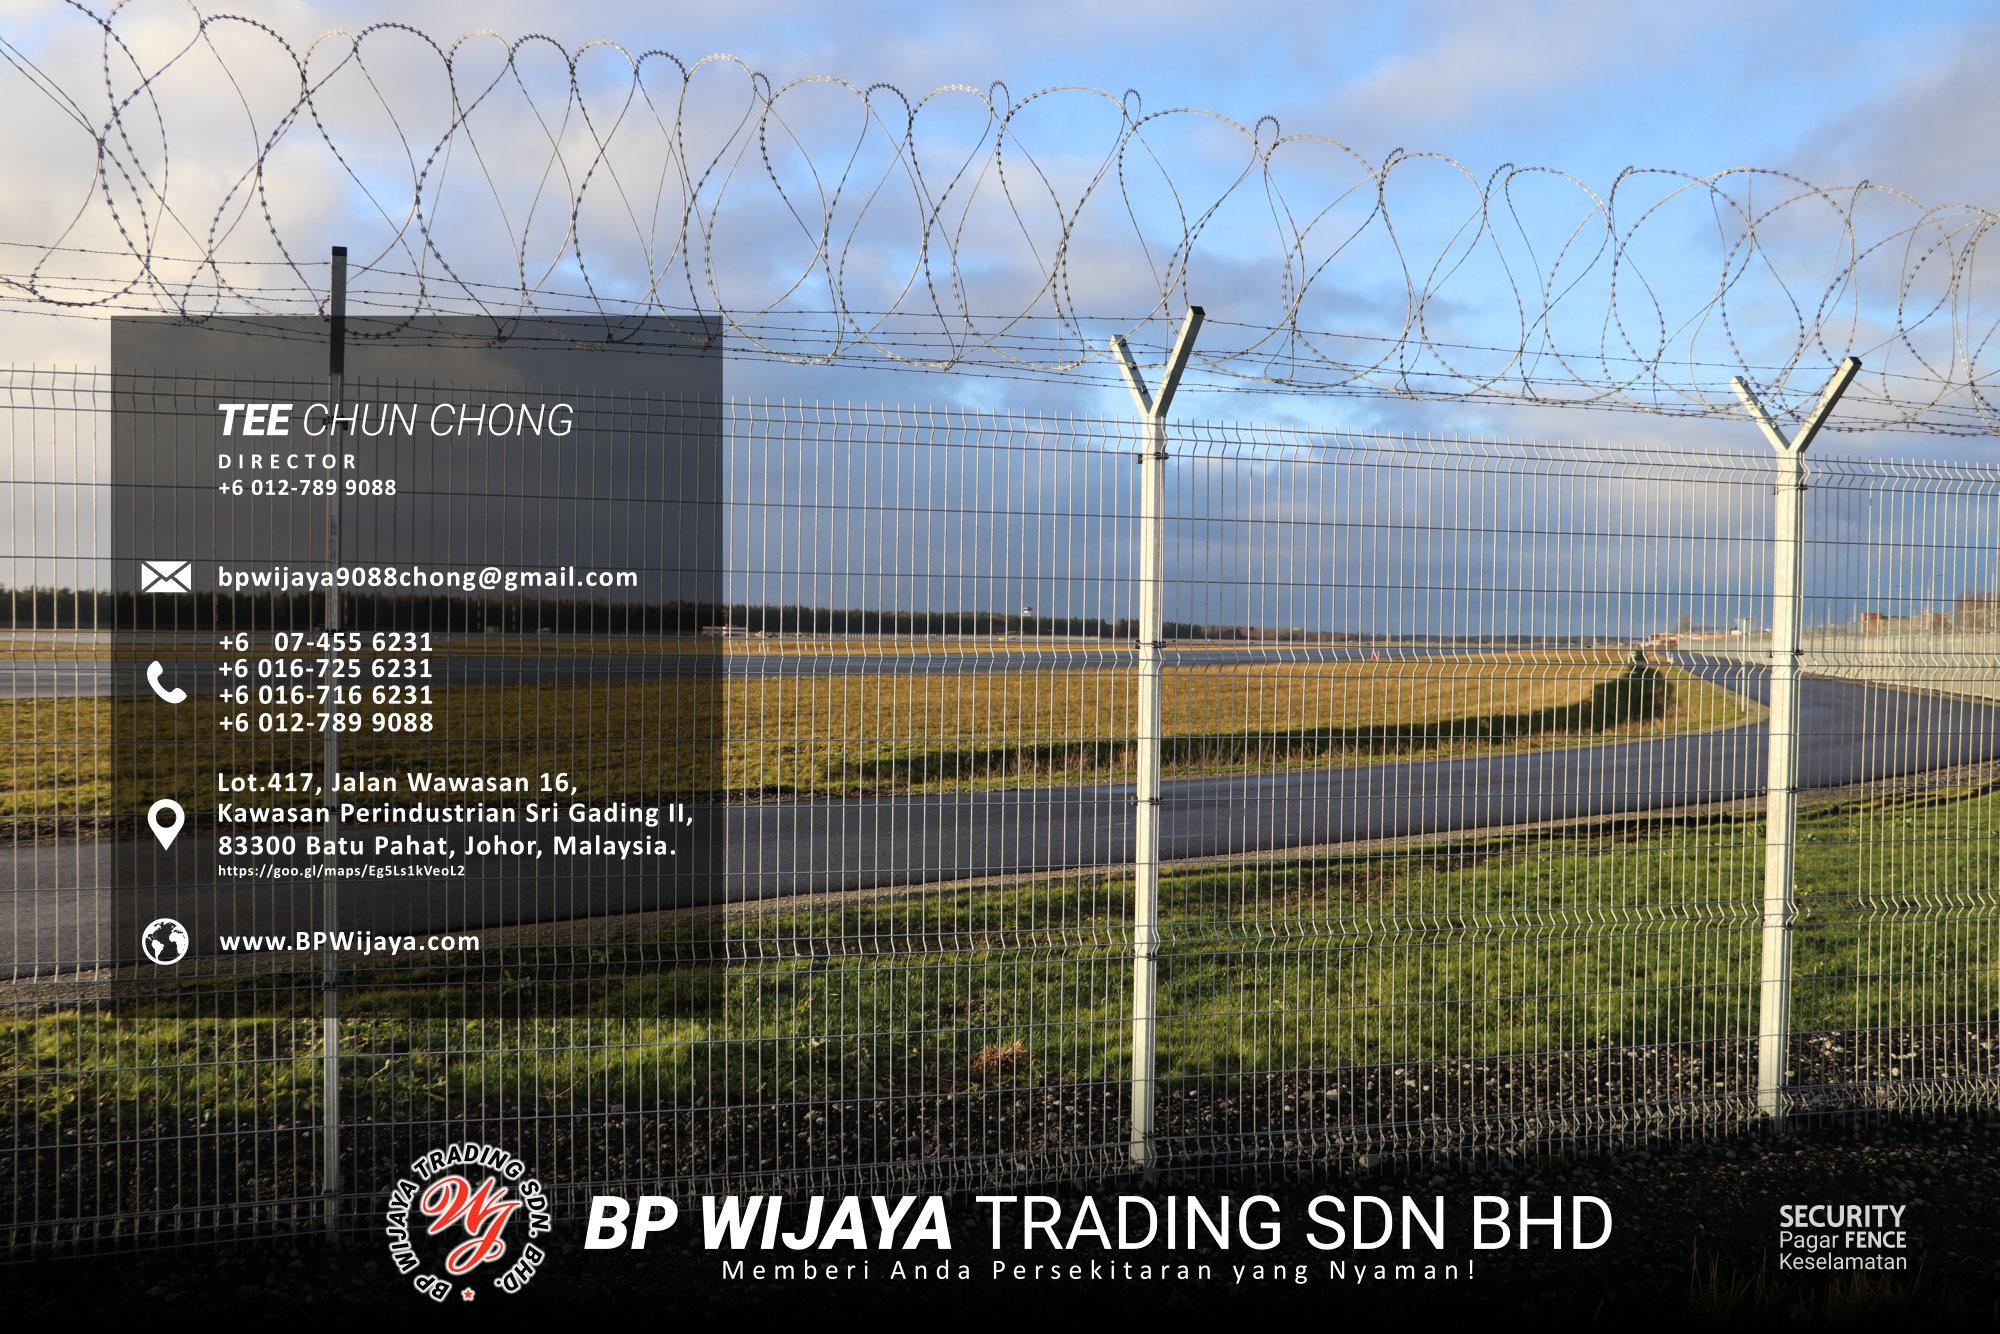 Pembekal Kuala Lumpur Pagar Keselamatan kami merupakan pengilang pagar keselamatan BP Wijaya Trading Sdn Bhd Pagar Taman Pagar Bangunan Pagar Kilang Pagar Rumah Pemborong Pagar Keselamatan A03-015